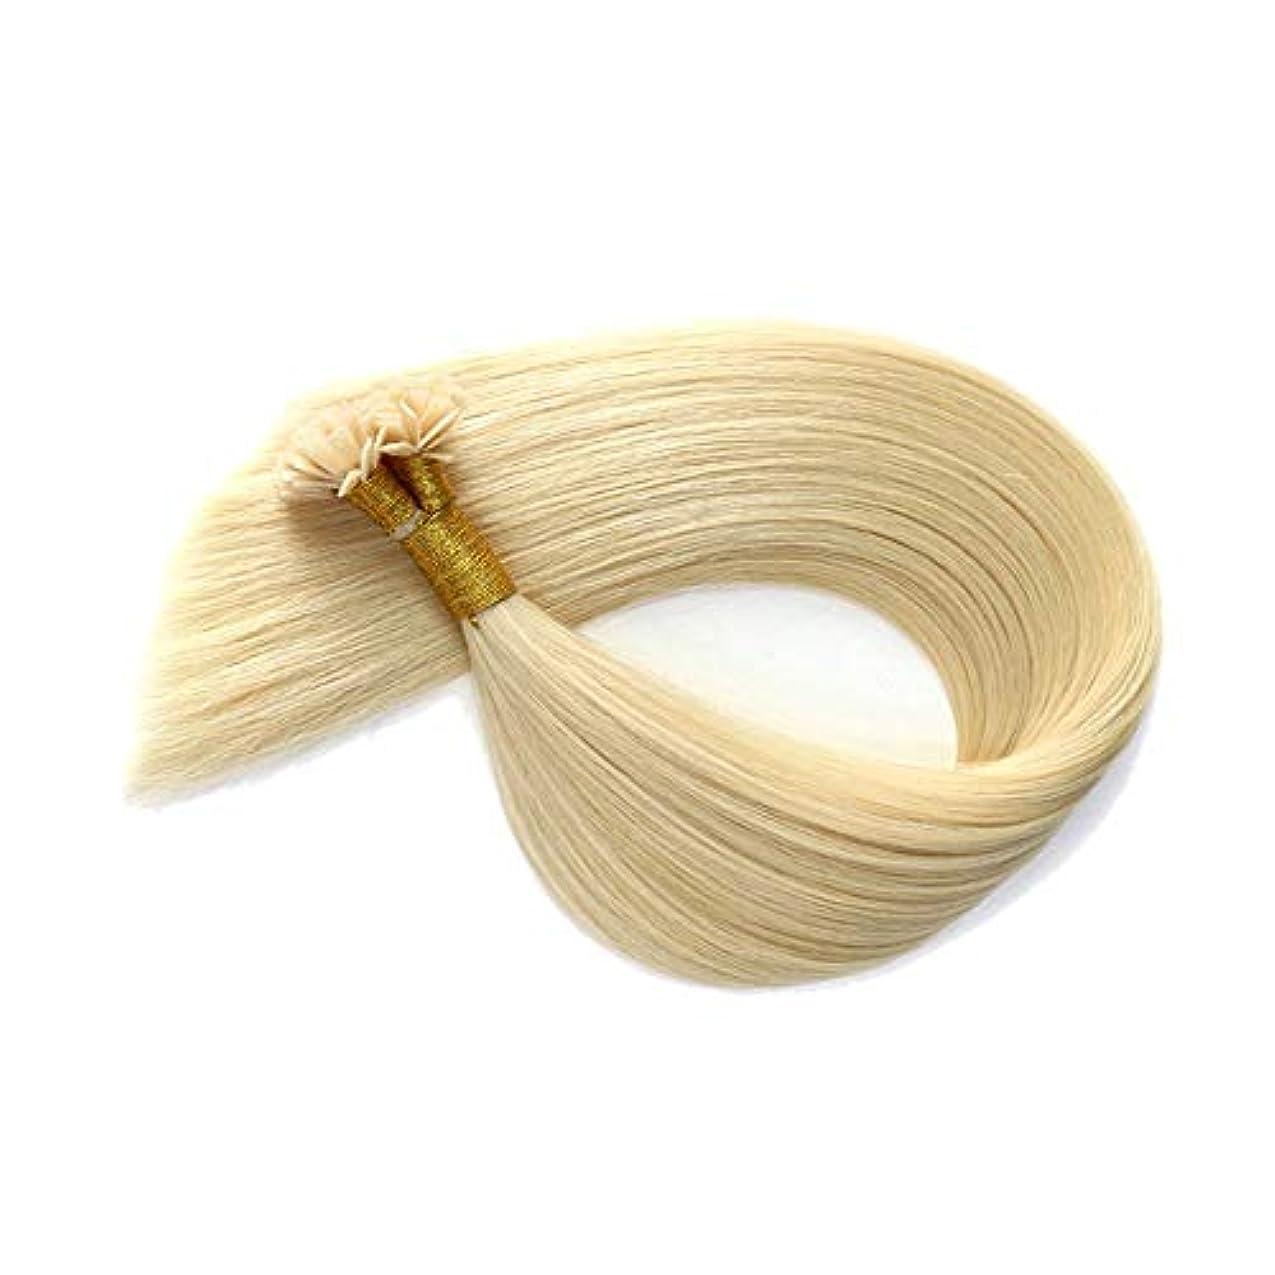 列挙する銀河四半期JULYTER ブロンドのナノヘアエクステンションライトフラットチップヘア100%人の連続的なネイルヘア (色 : Blonde, サイズ : 16 inch)